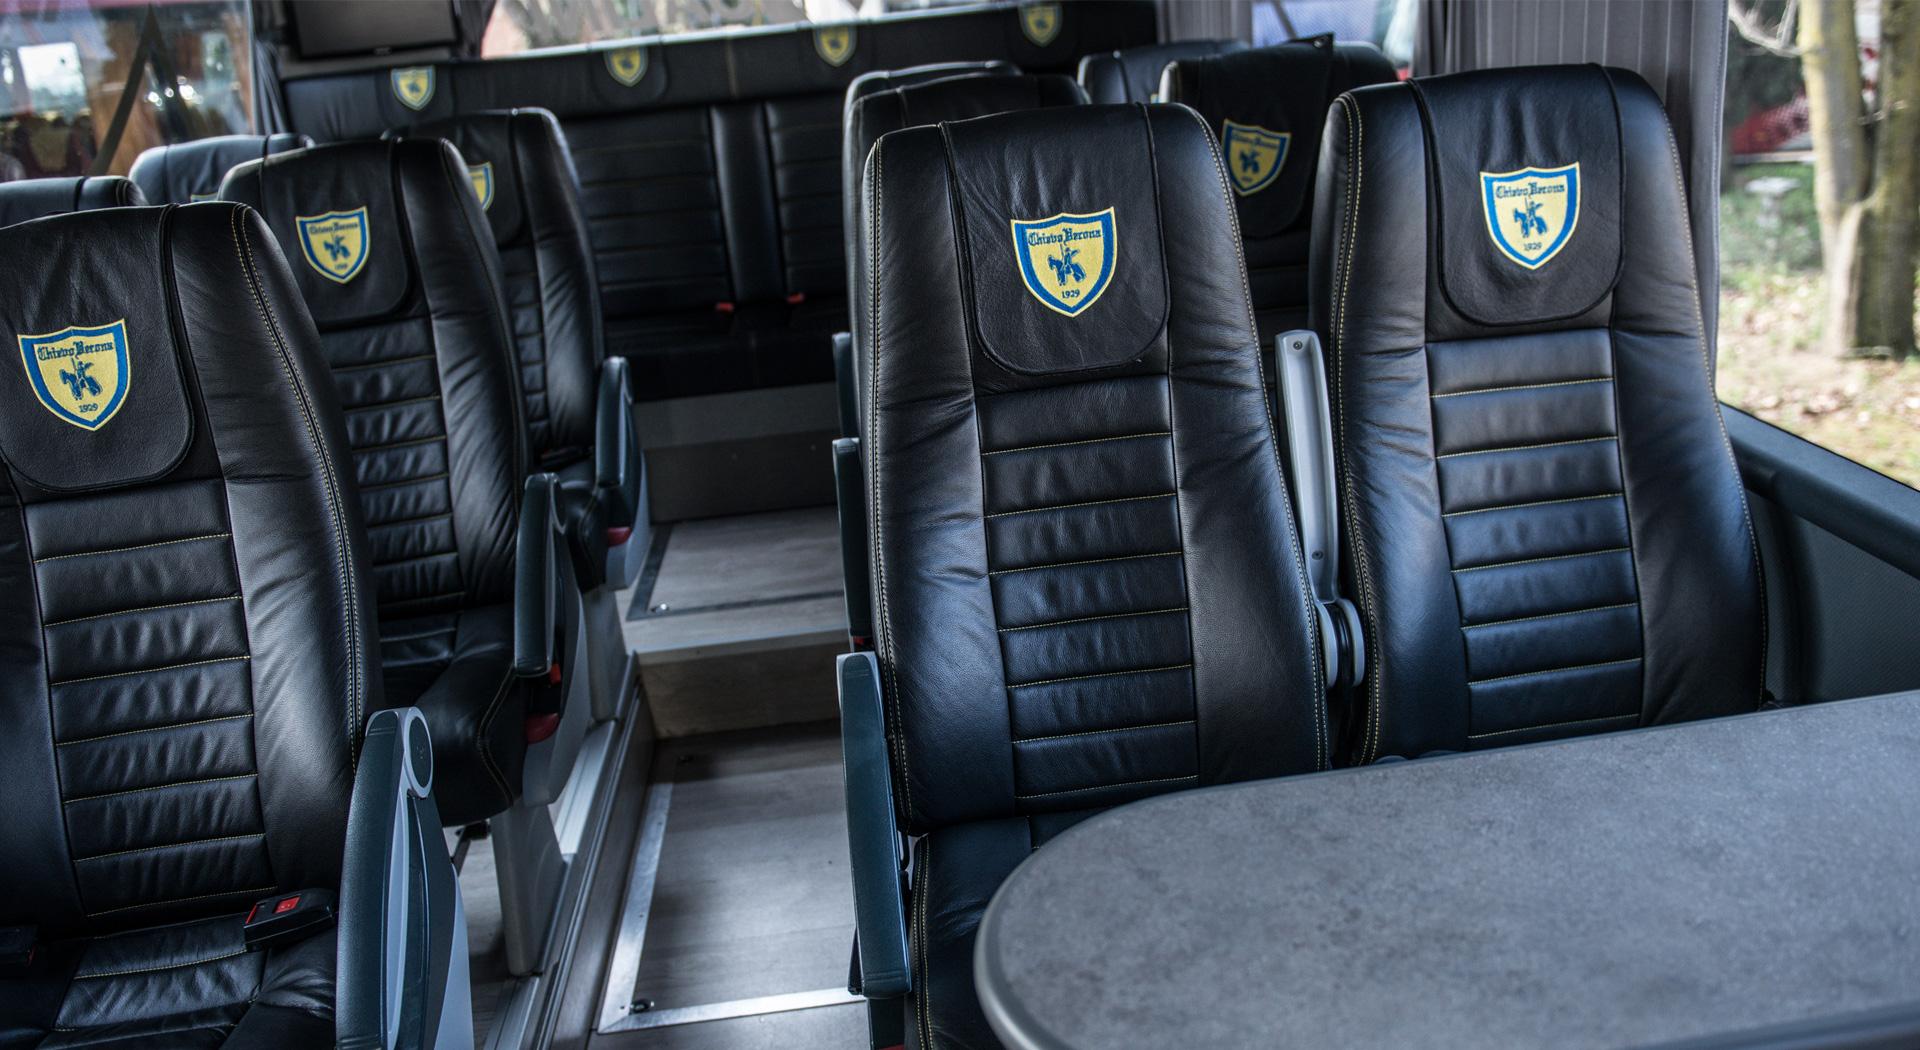 Pasqualini Autobus Verona - Irizar Scania Chievo 2